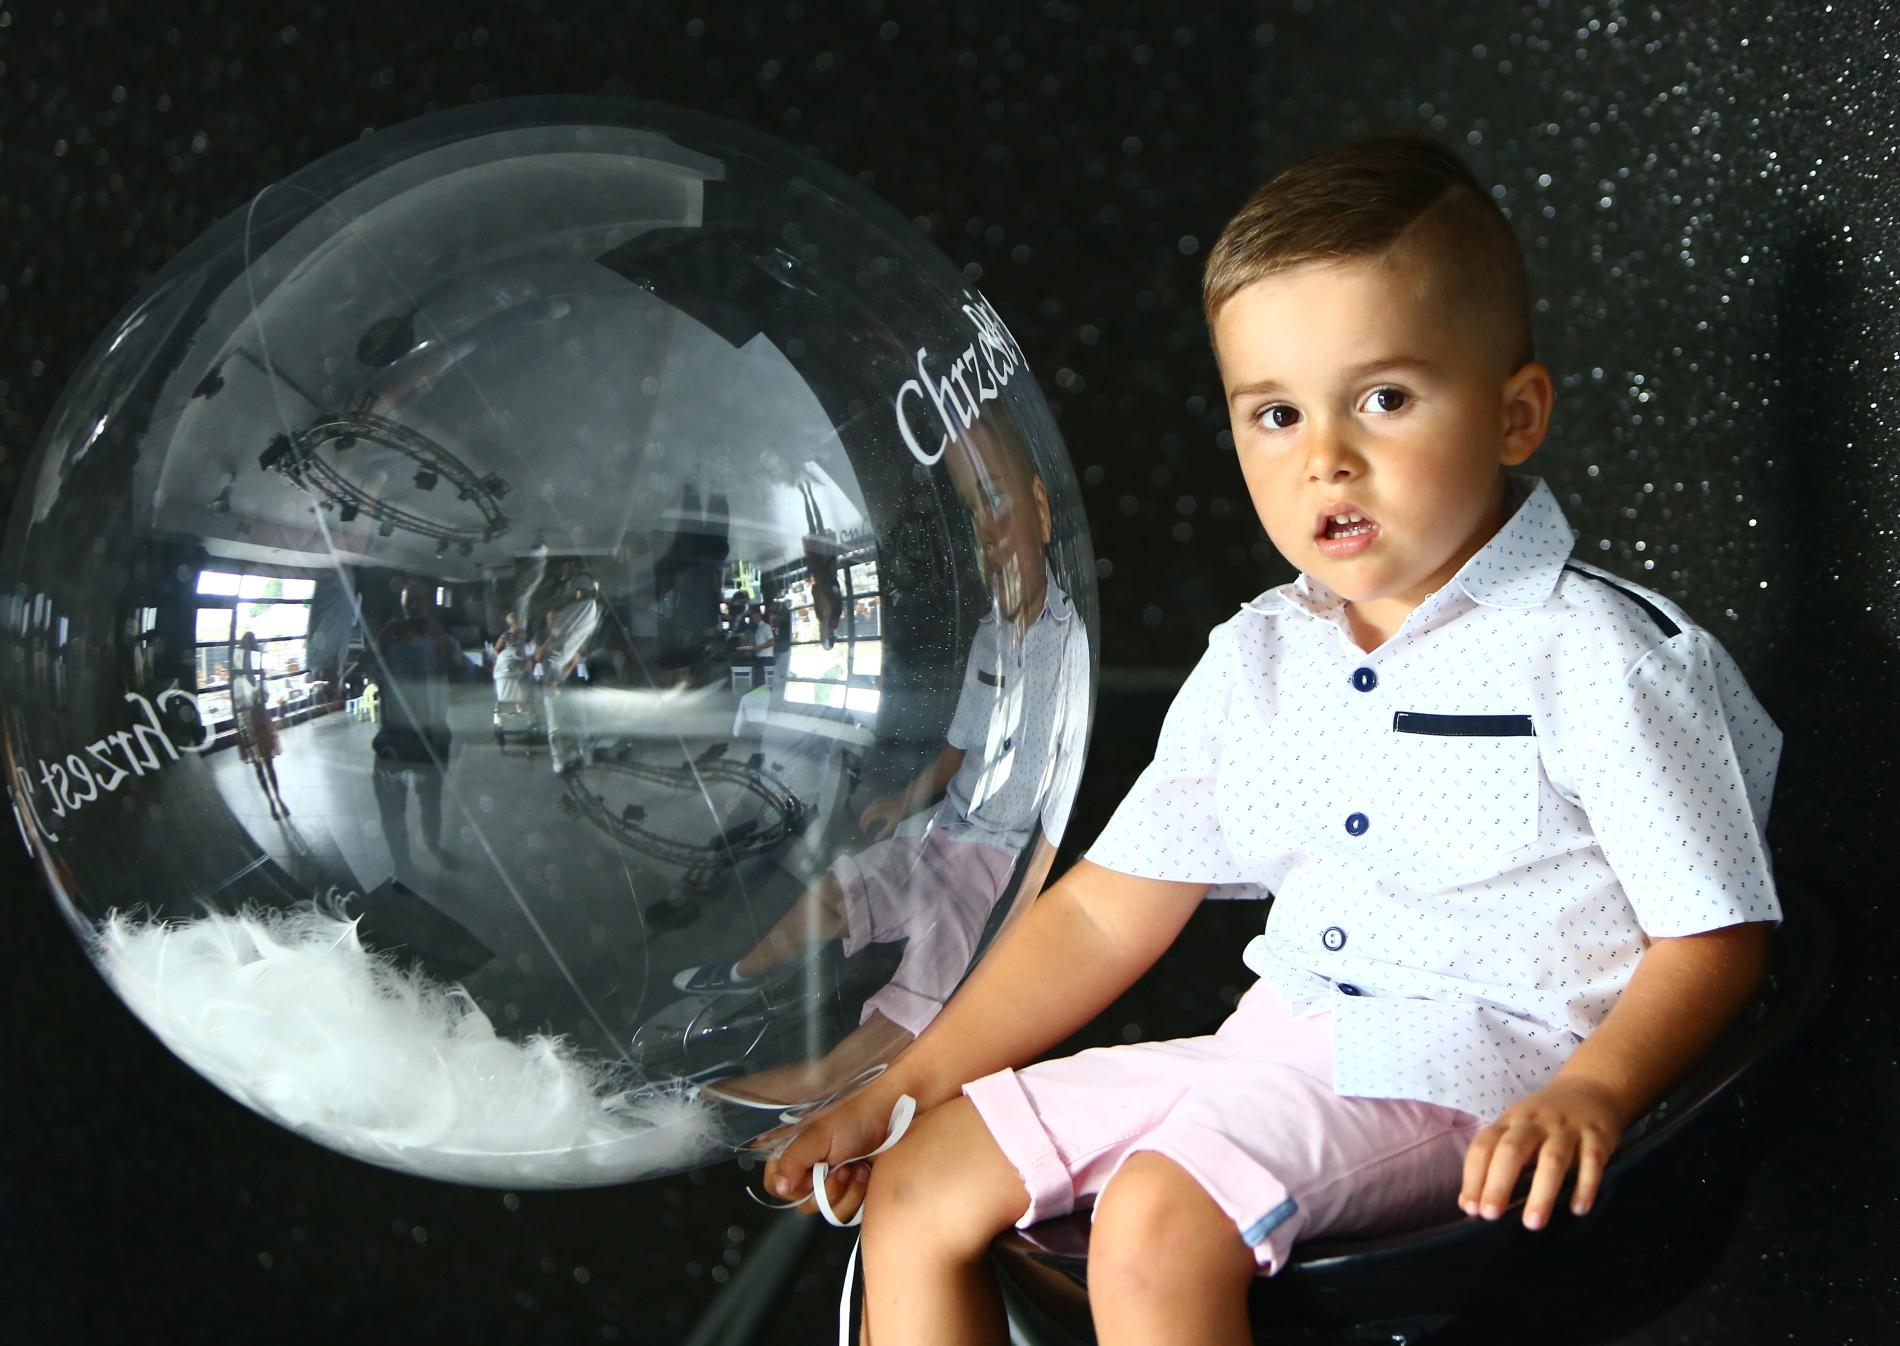 Zdjęcie dziecka z balonem